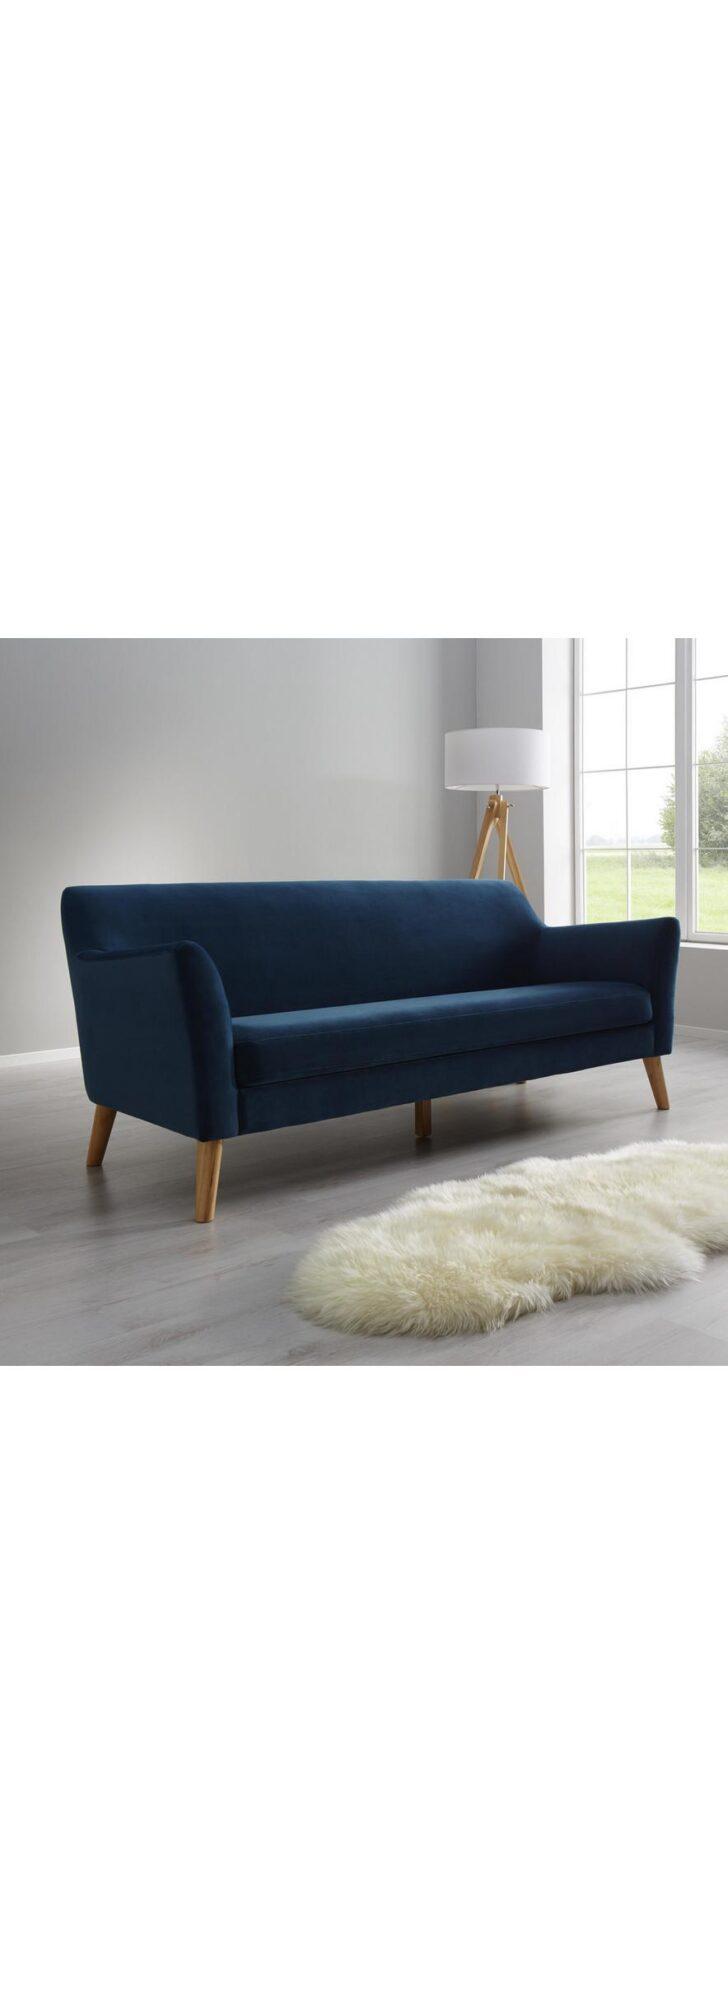 Medium Size of Dreisitzer Sofa In Blau Online Bestellen Poco Big Echtleder Mondo Alternatives Aus Matratzen Landhaus Lagerverkauf Ausziehbar Leder Stoff Barock Eck Liege Sofa Sofa Blau